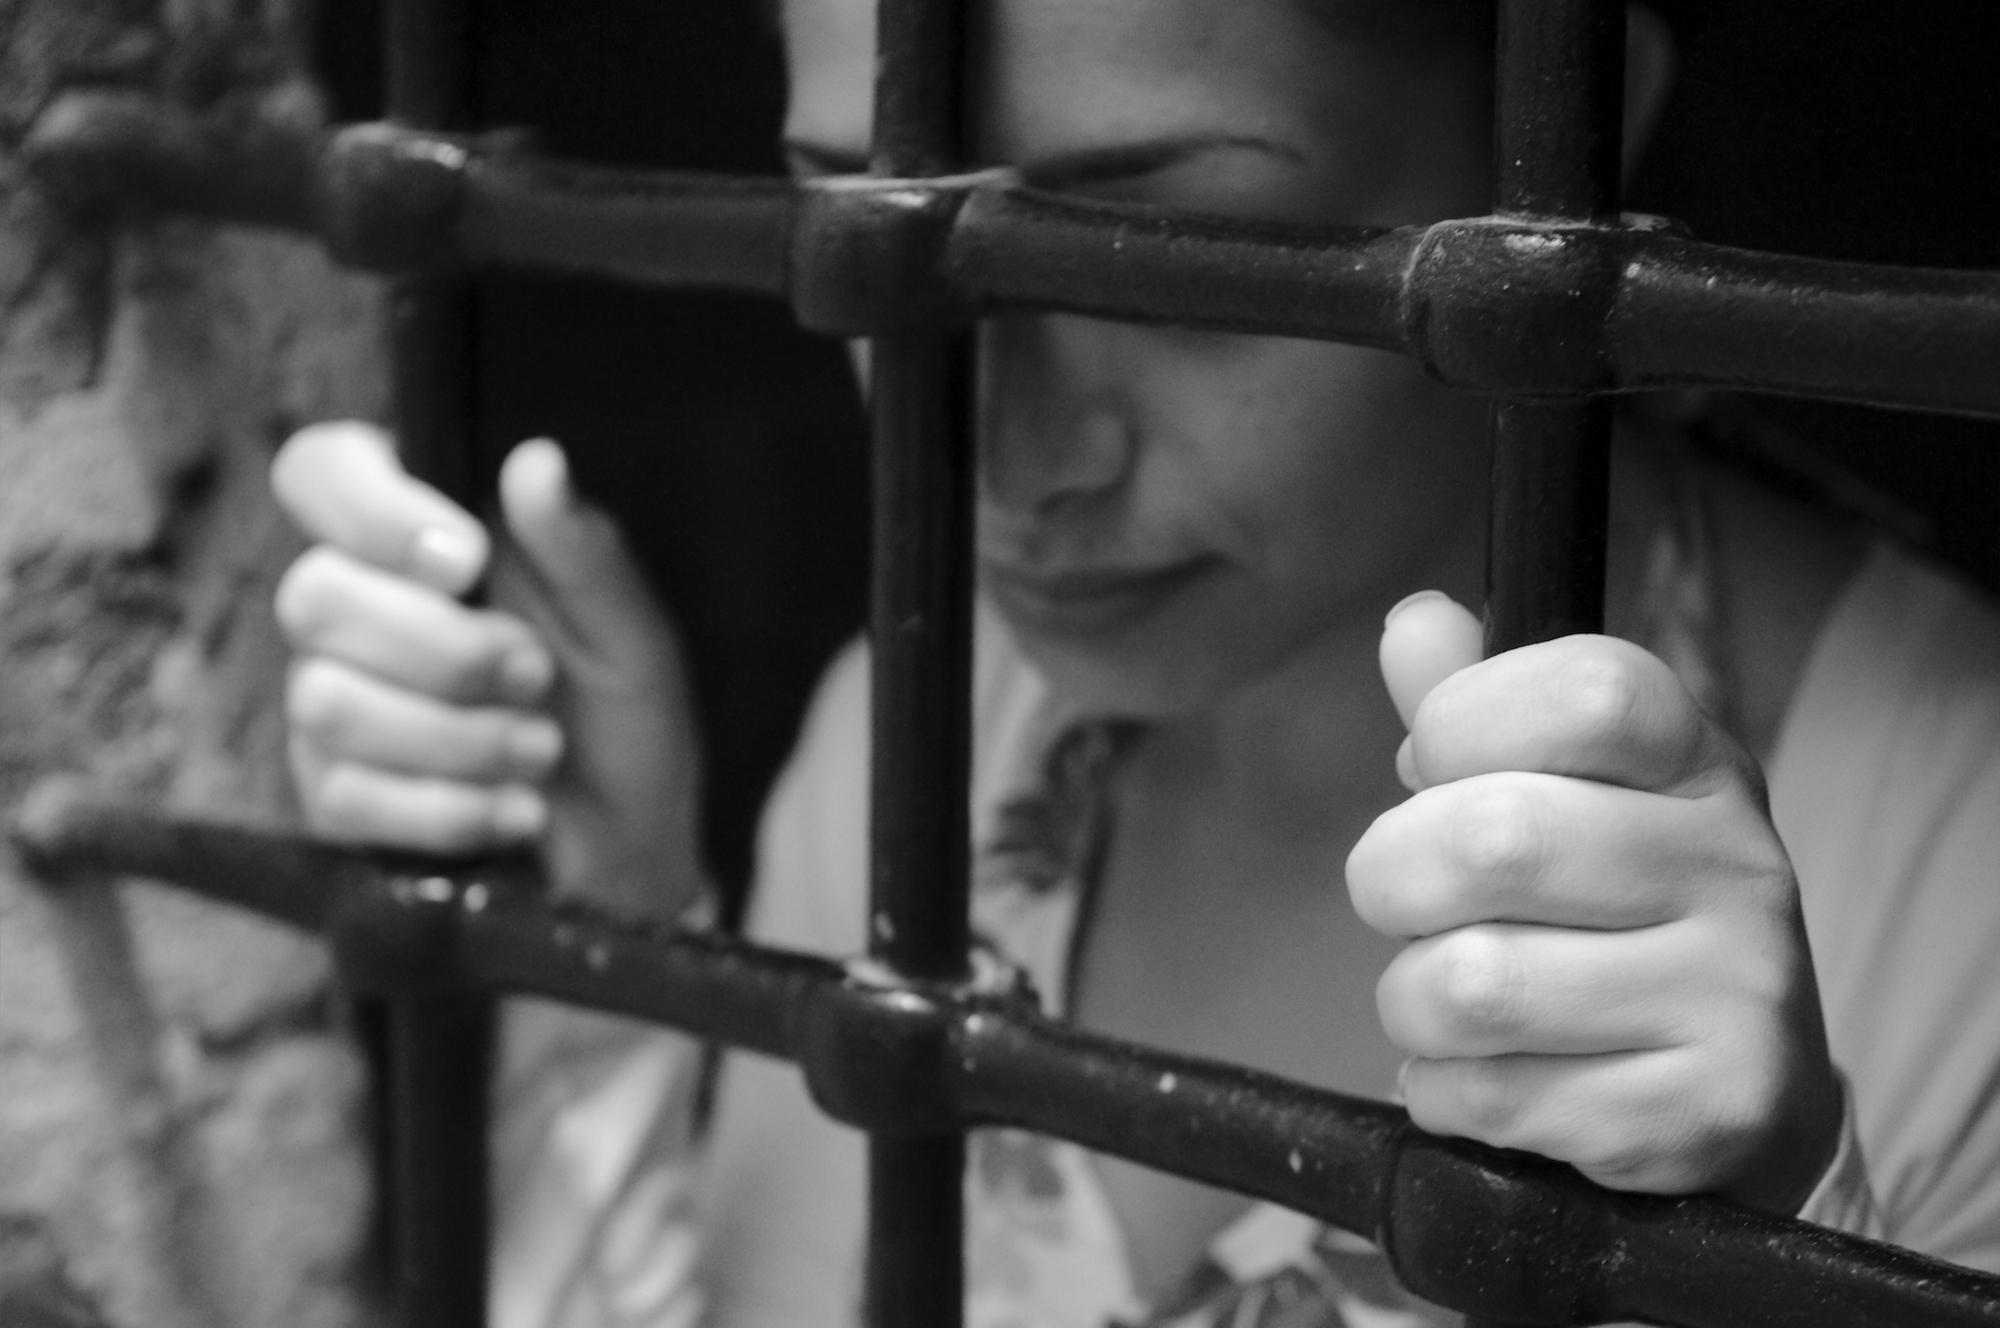 Девушка за решеткой фото, онлайн видео жену за долги